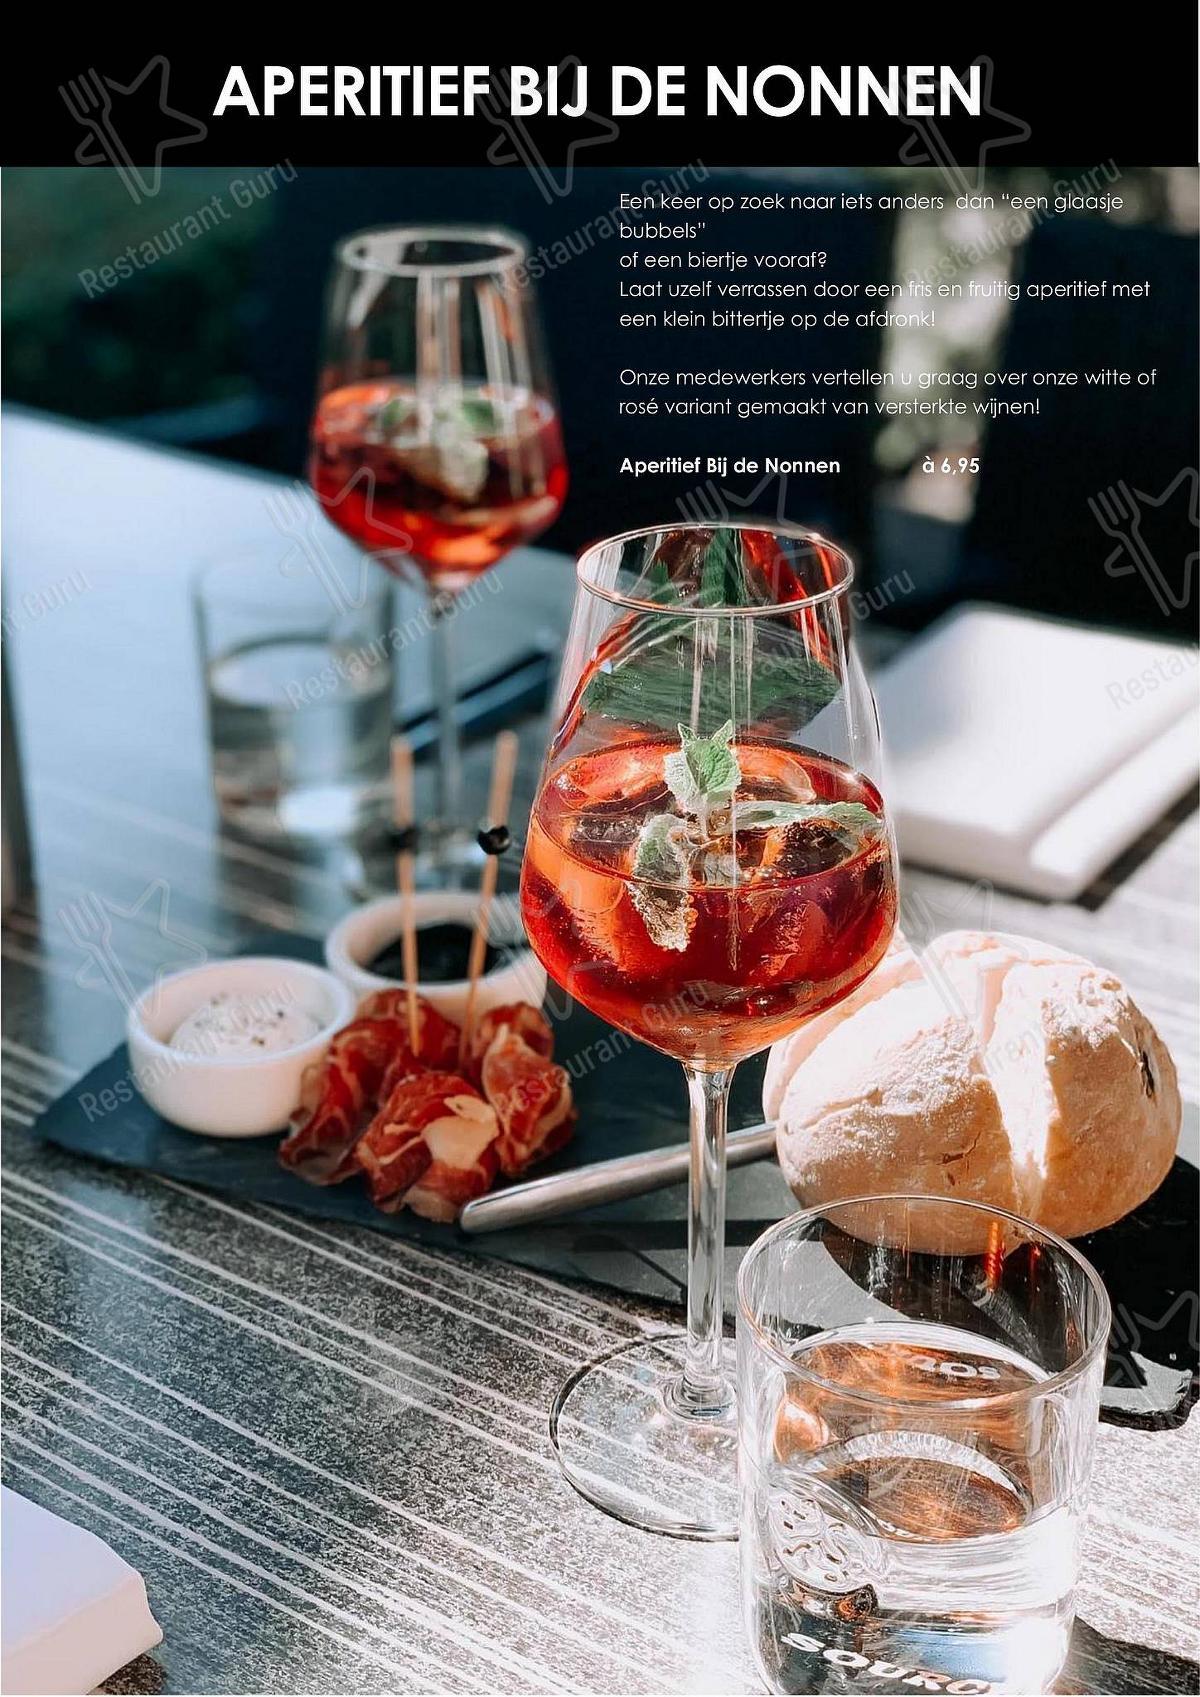 Bij de Nonnen menu - meals and drinks